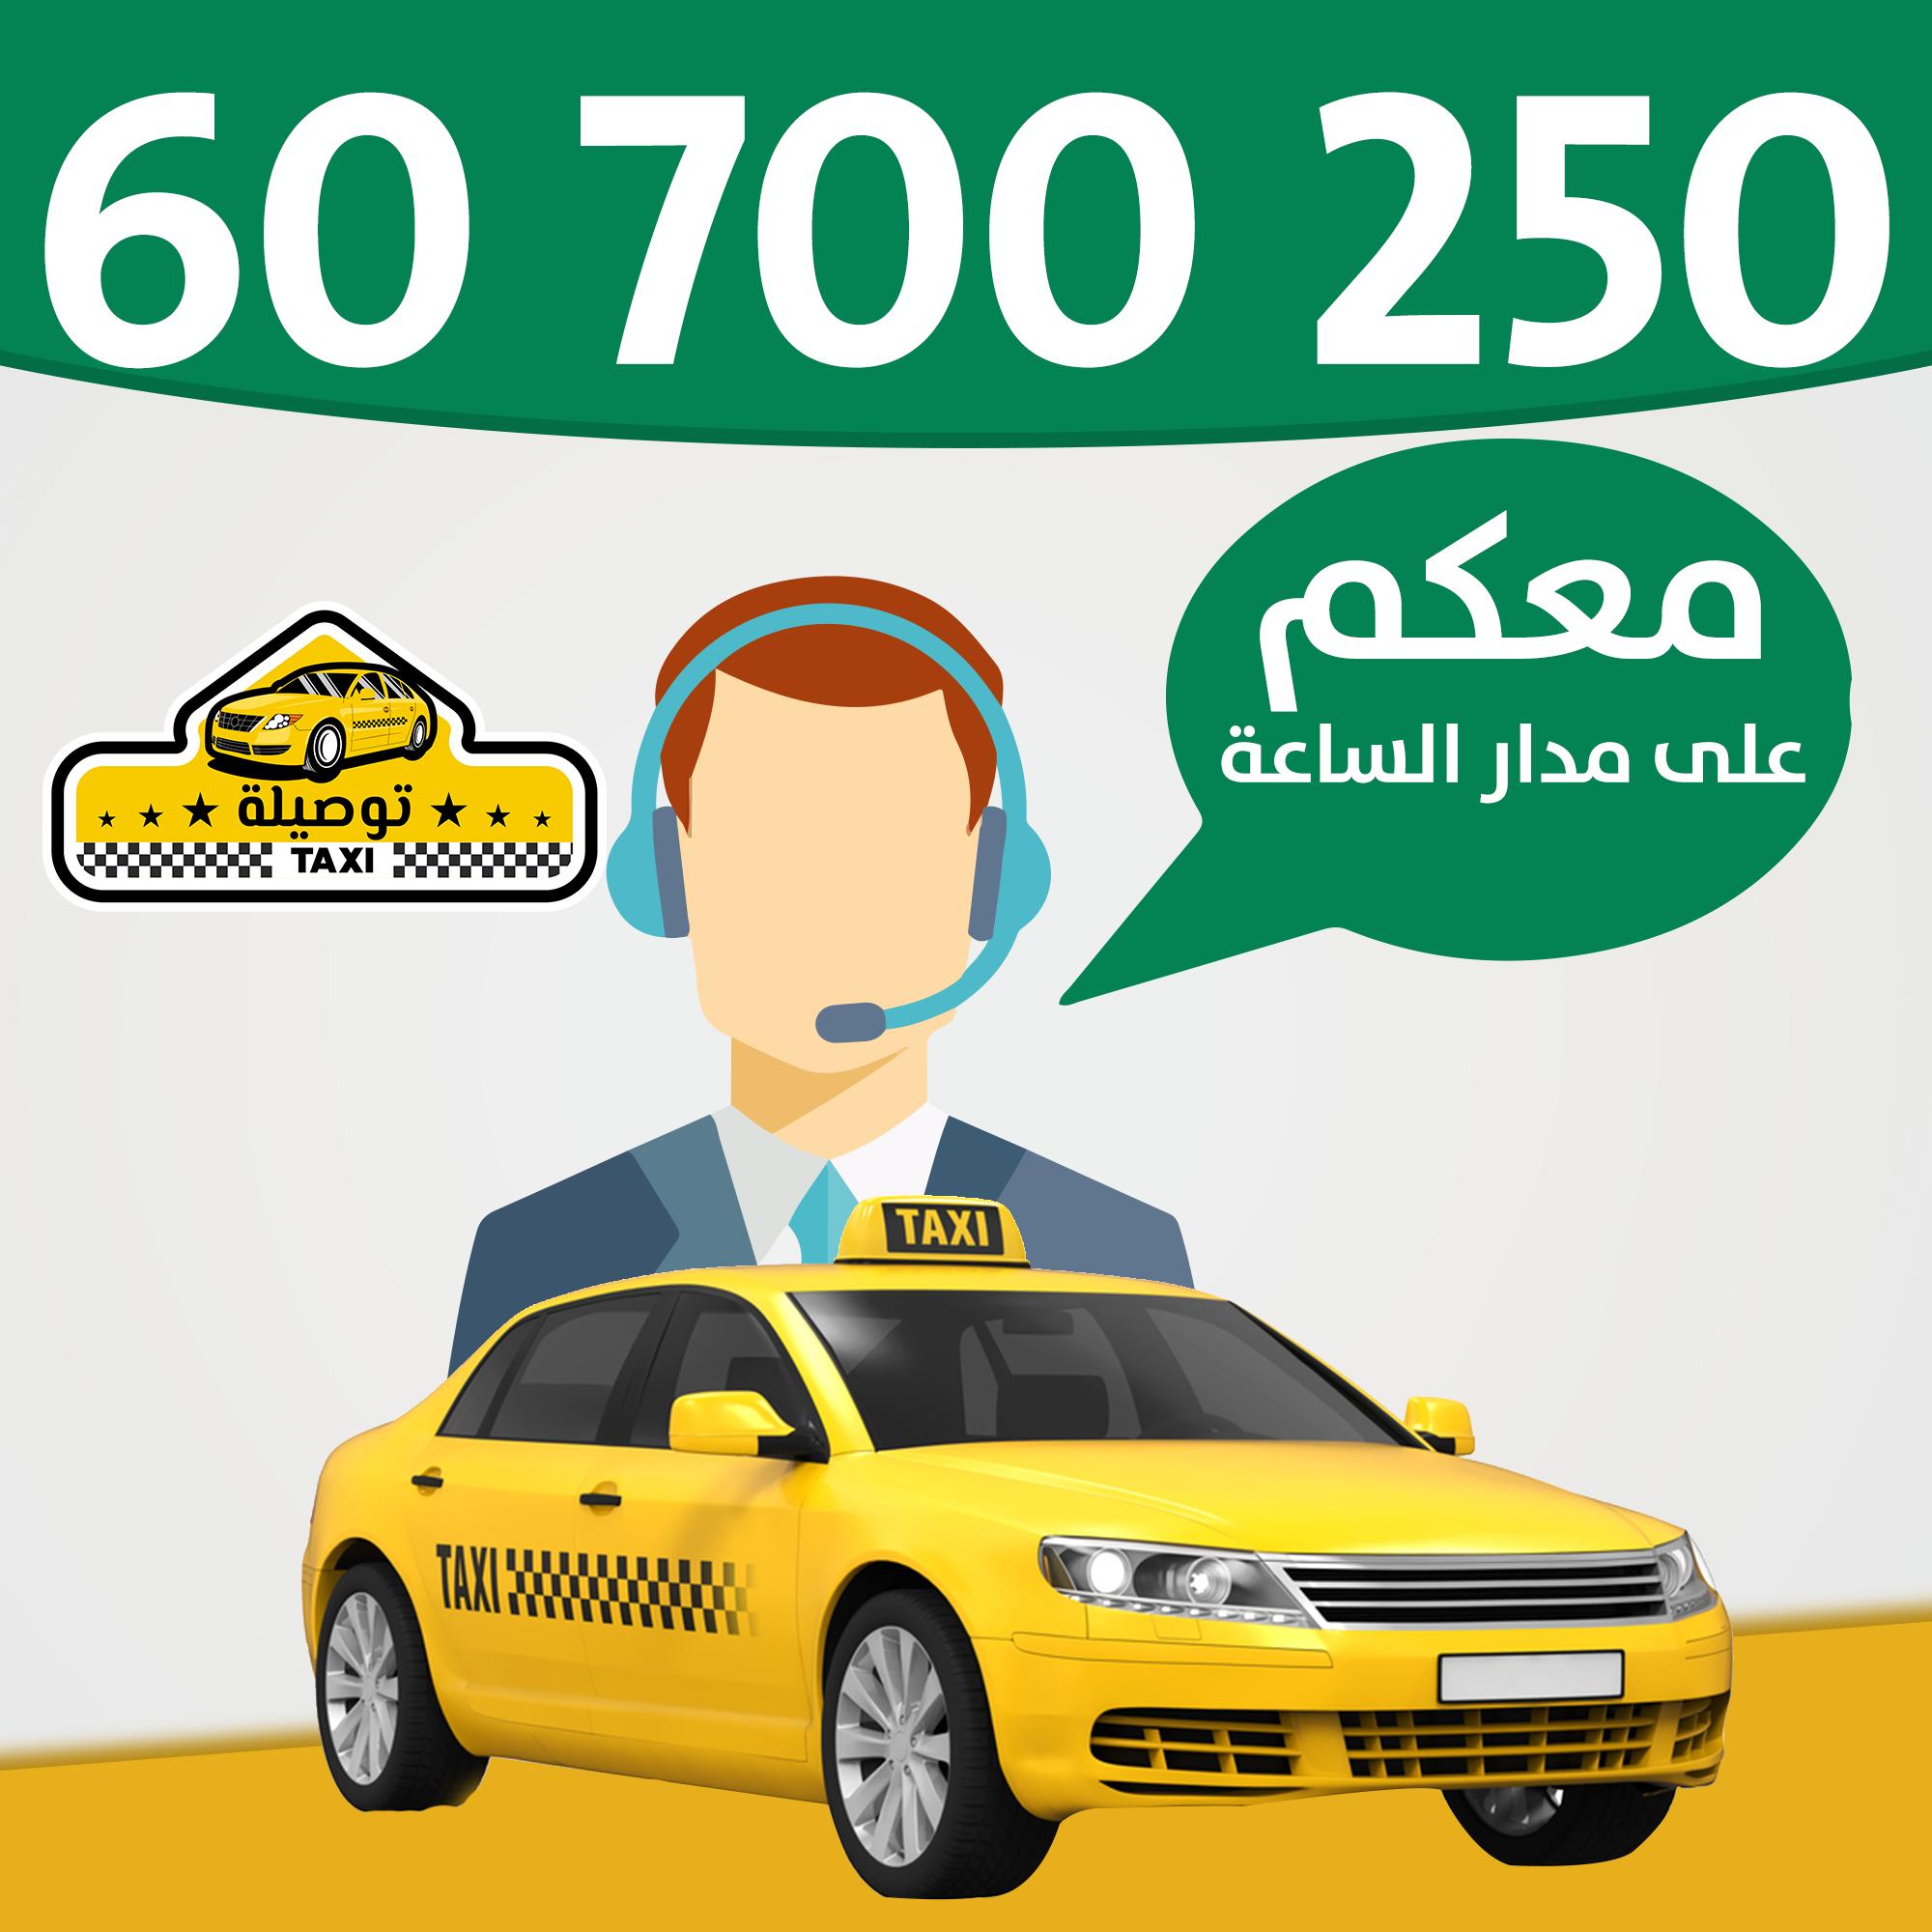 تاكسي توصيلة في شارع محمد إقبال